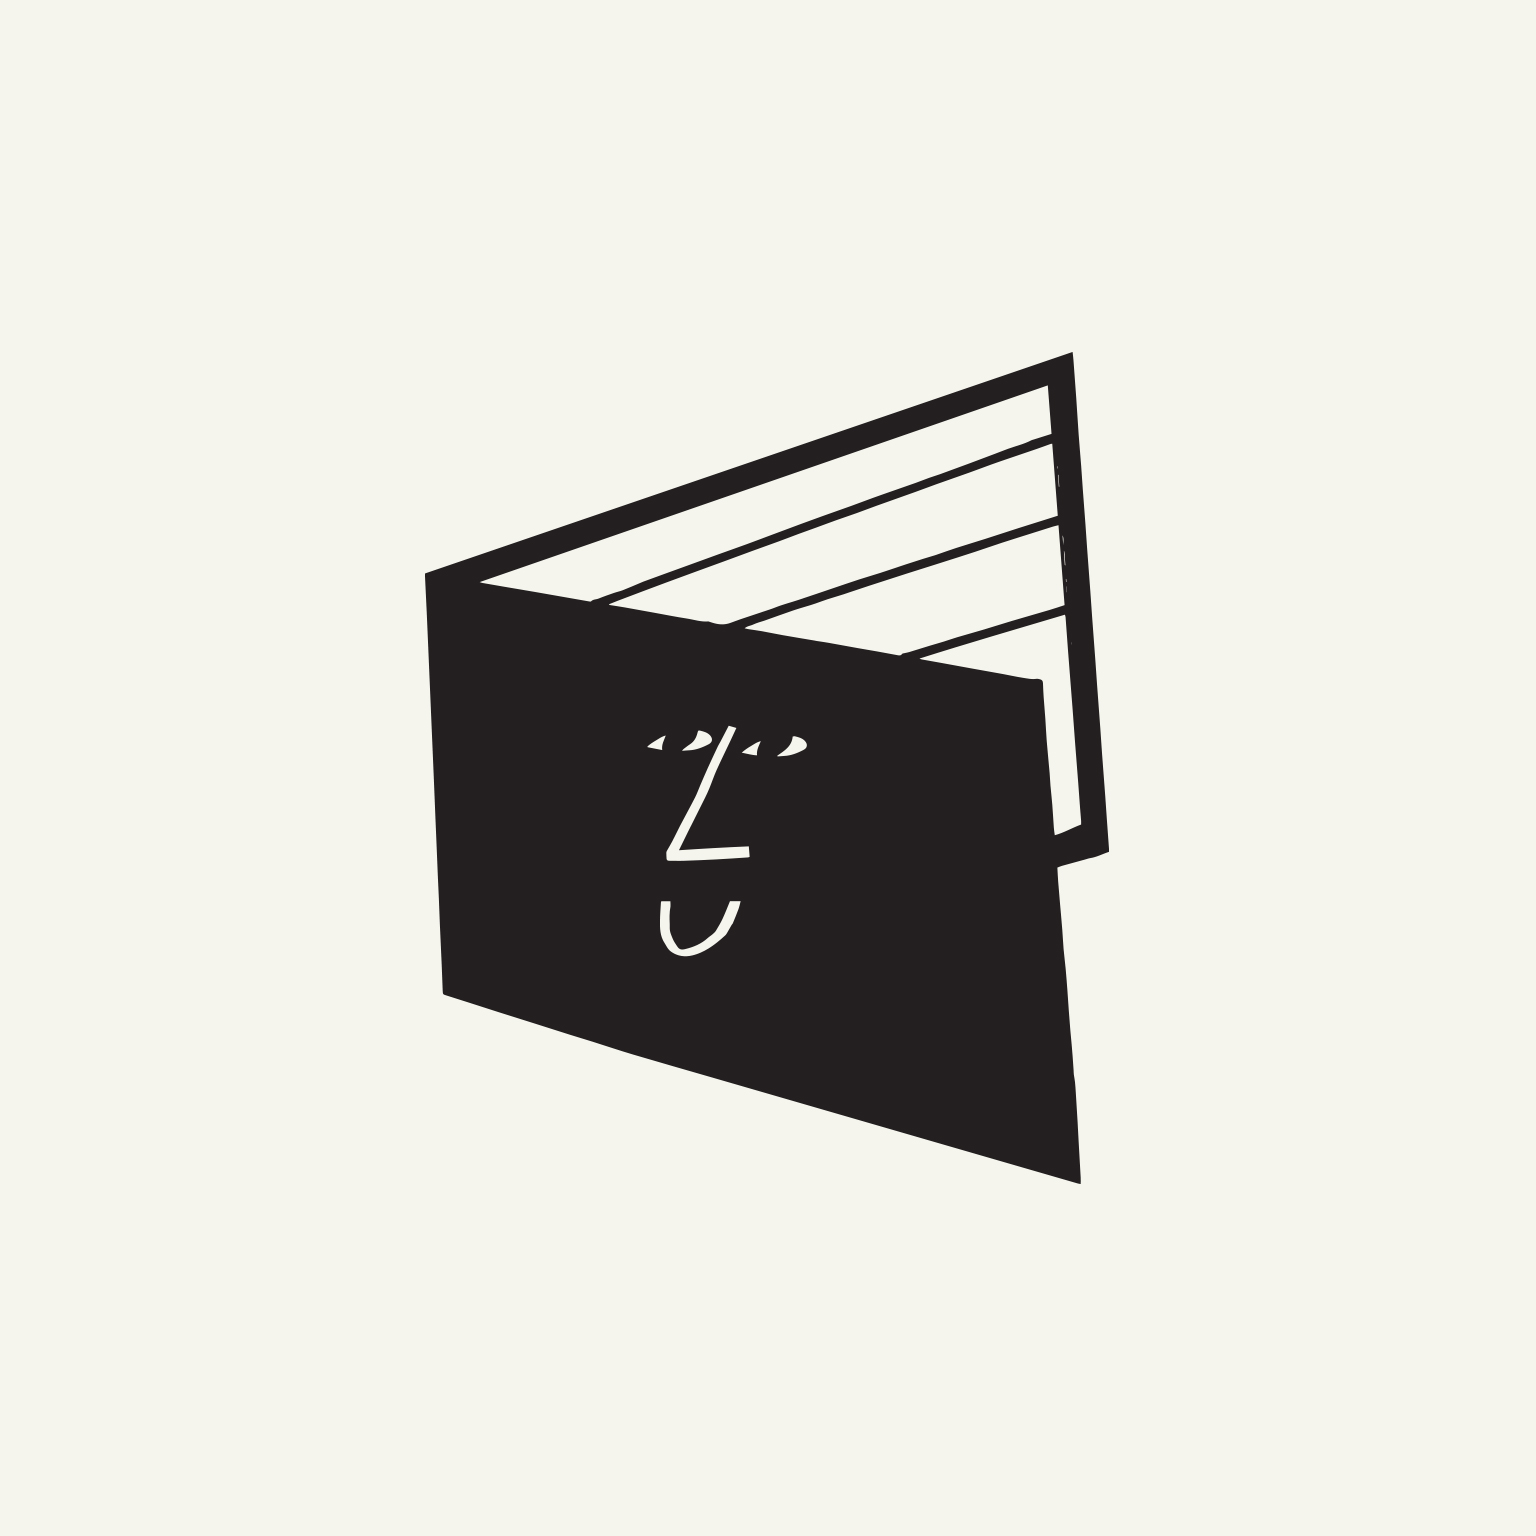 illustrations-29.jpg